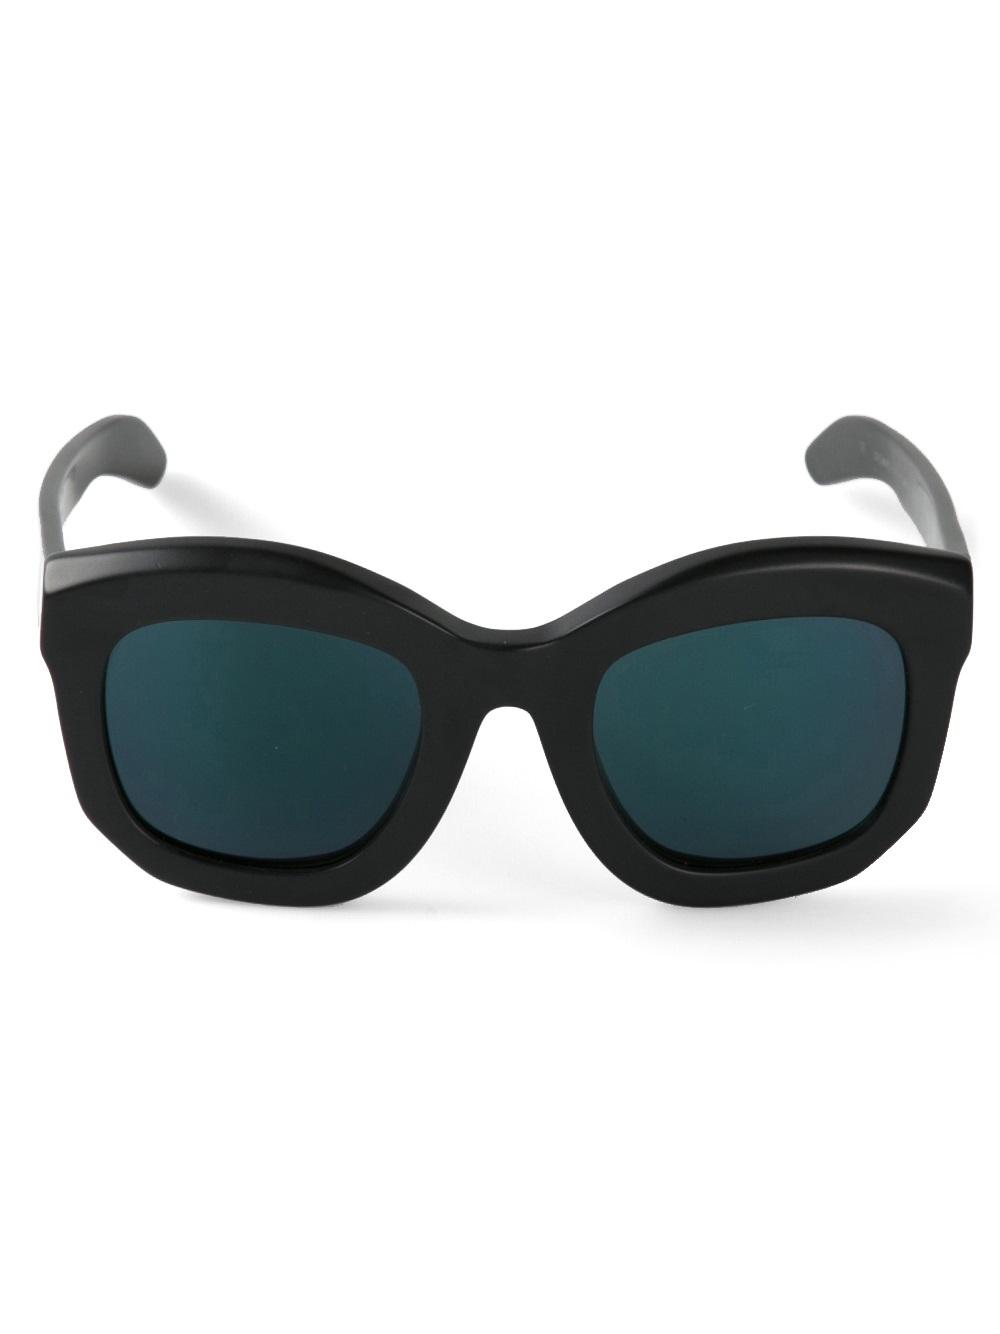 Kuboraum Mask B2 Sunglasses in Black for Men